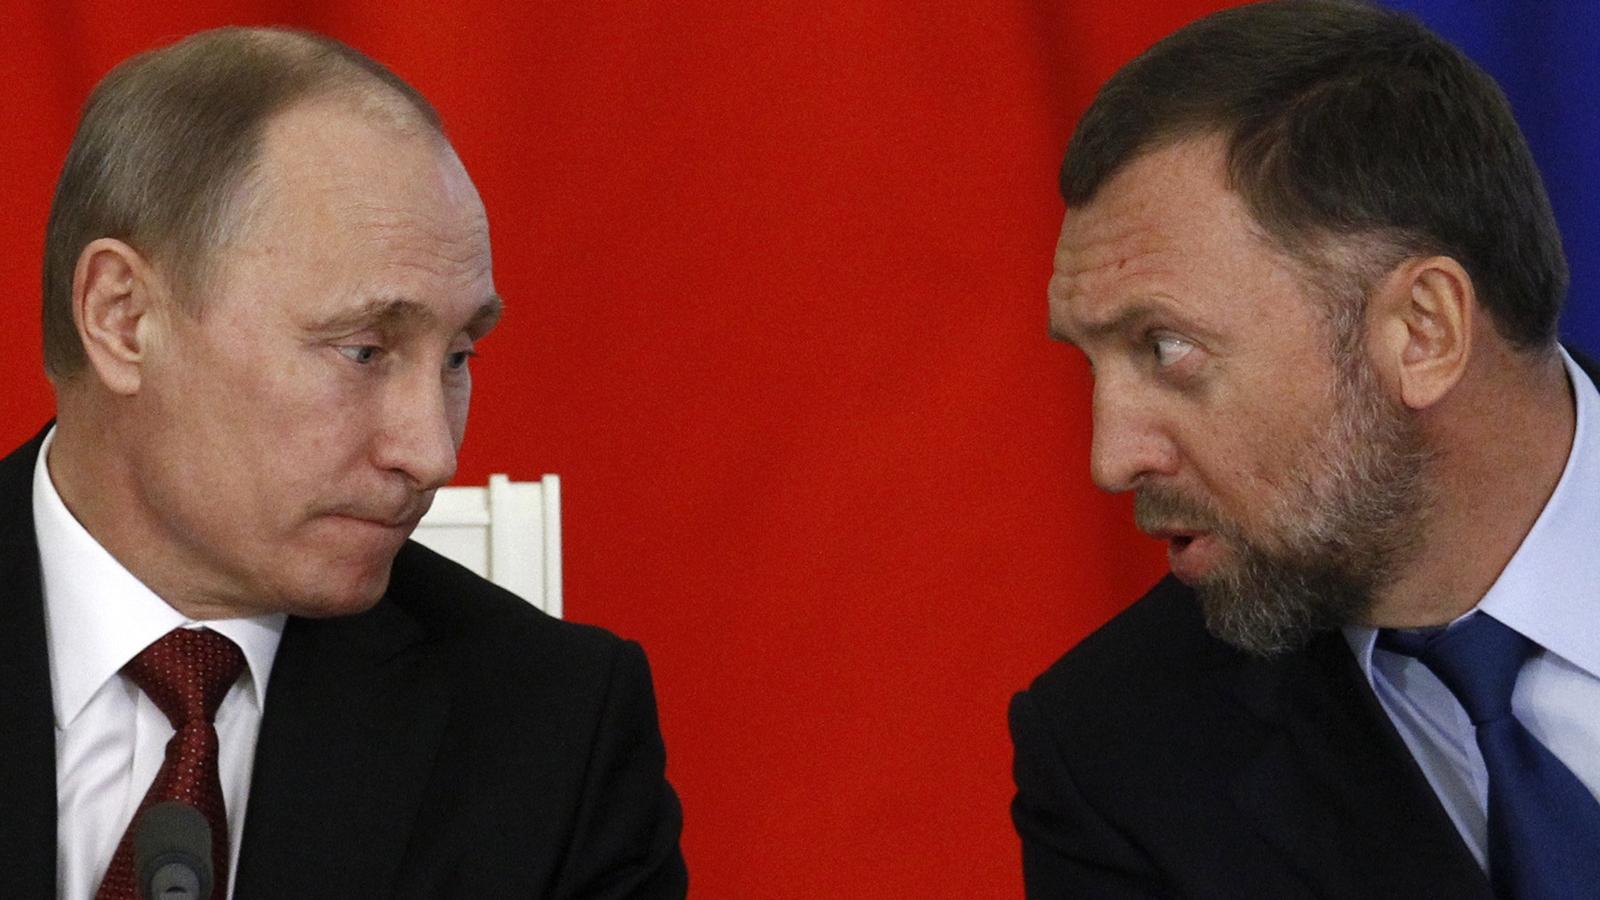 Putin se dice 'orgulloso' de selección rusa pese a eliminación en Mundial